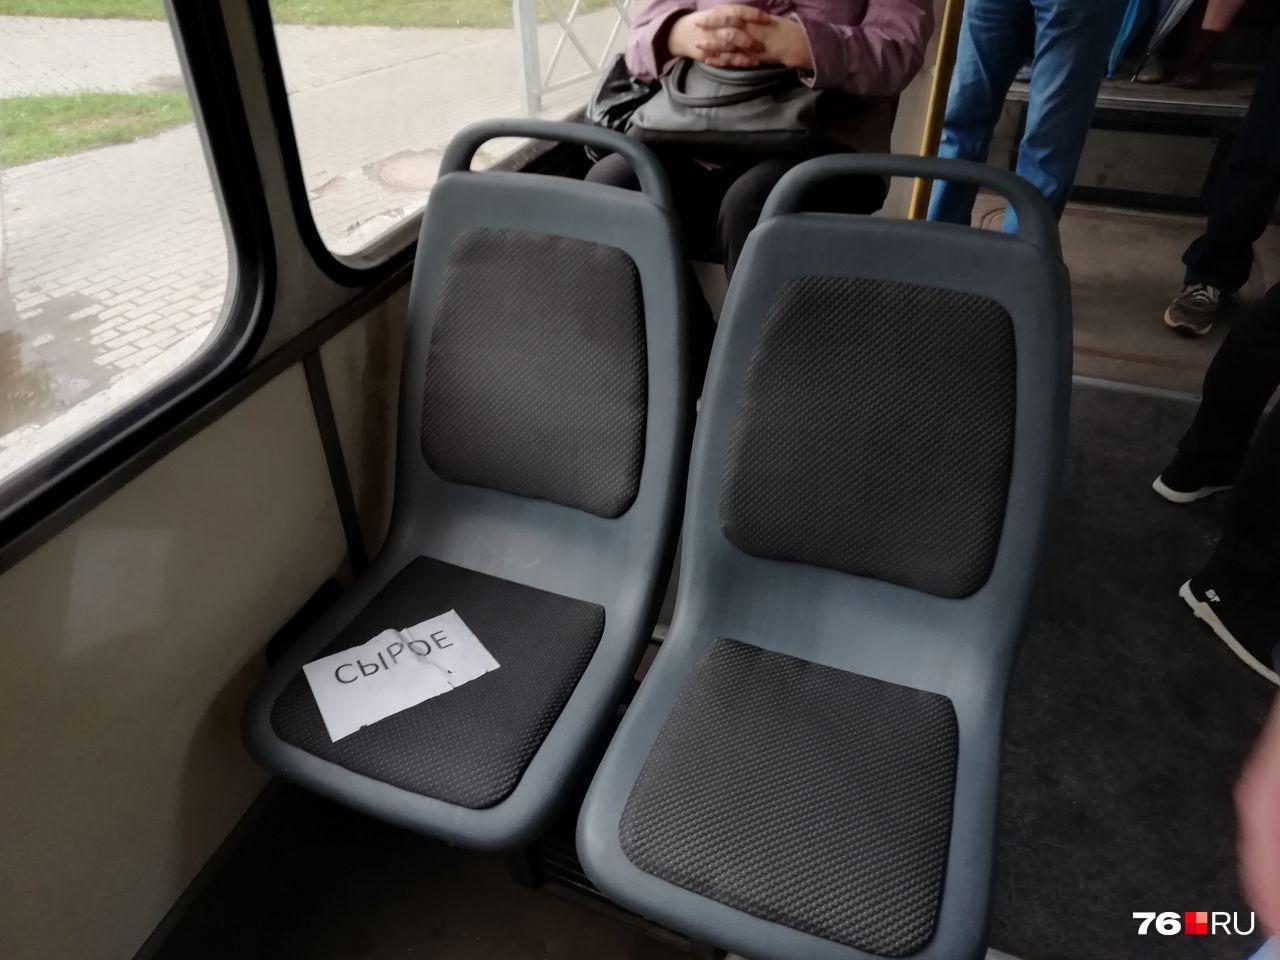 В некоторых автобусах и троллейбусах уже используют модель листа бумажного для слабовидящих